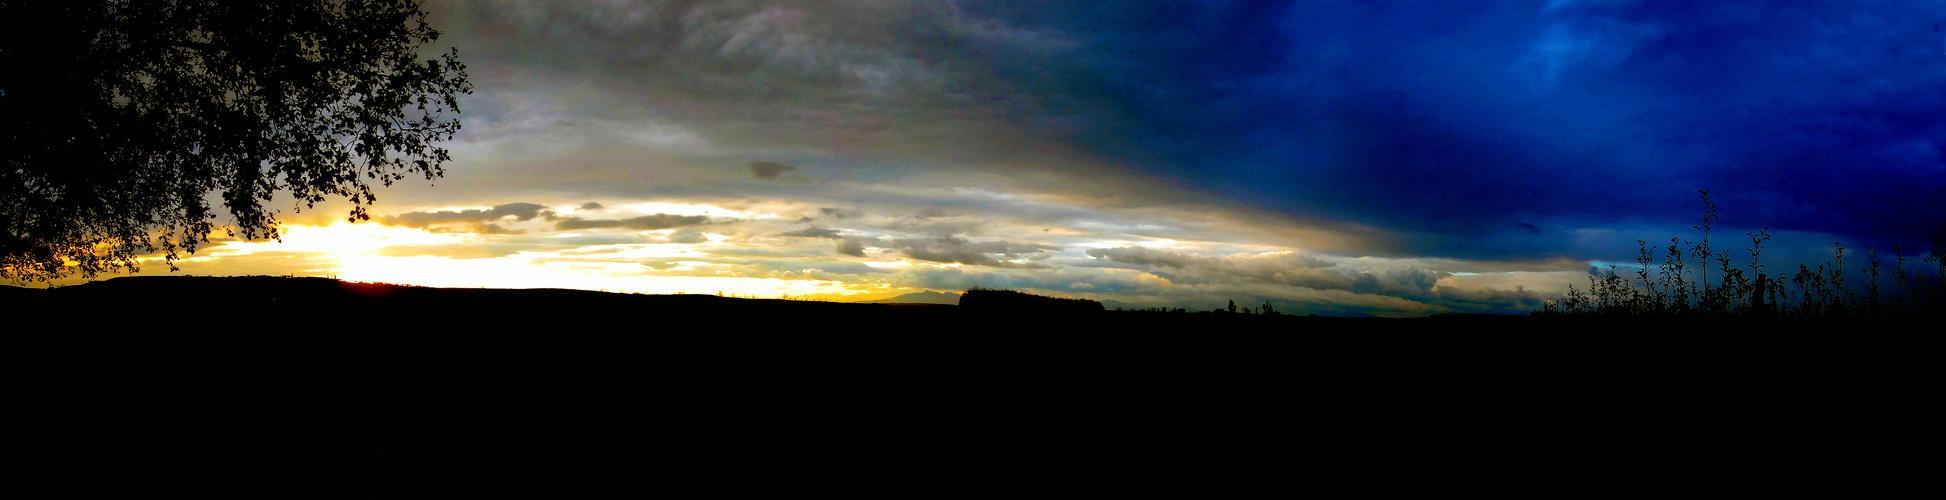 tardes de sol y tormenta